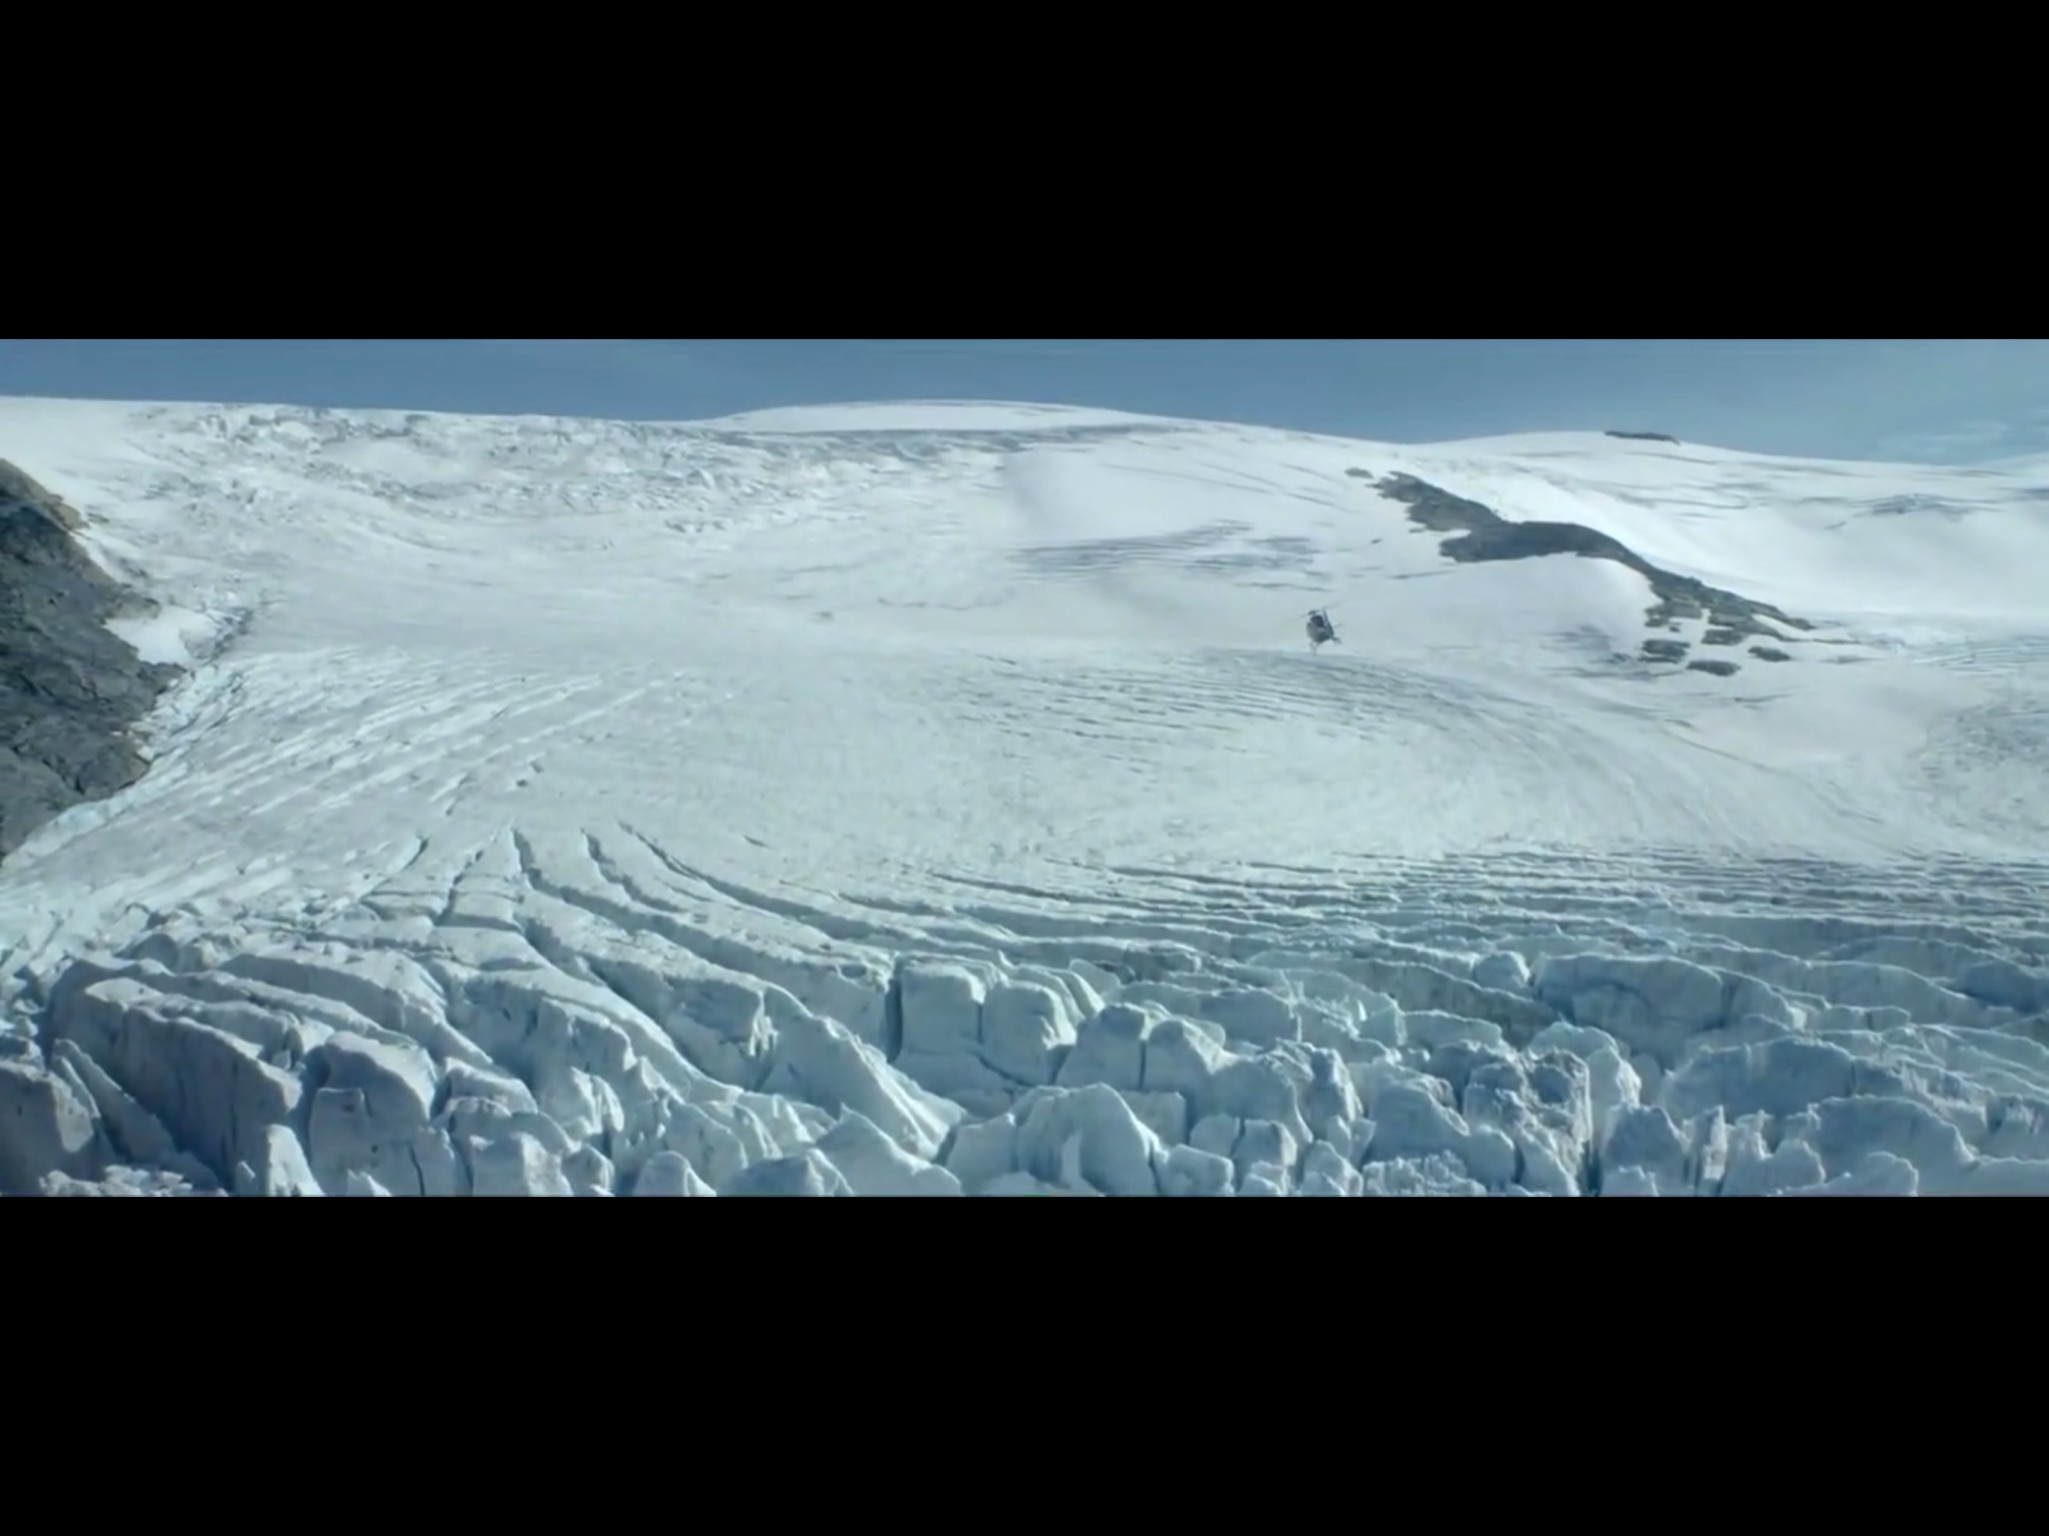 ex-machina-movie-screenshot-1.JPG